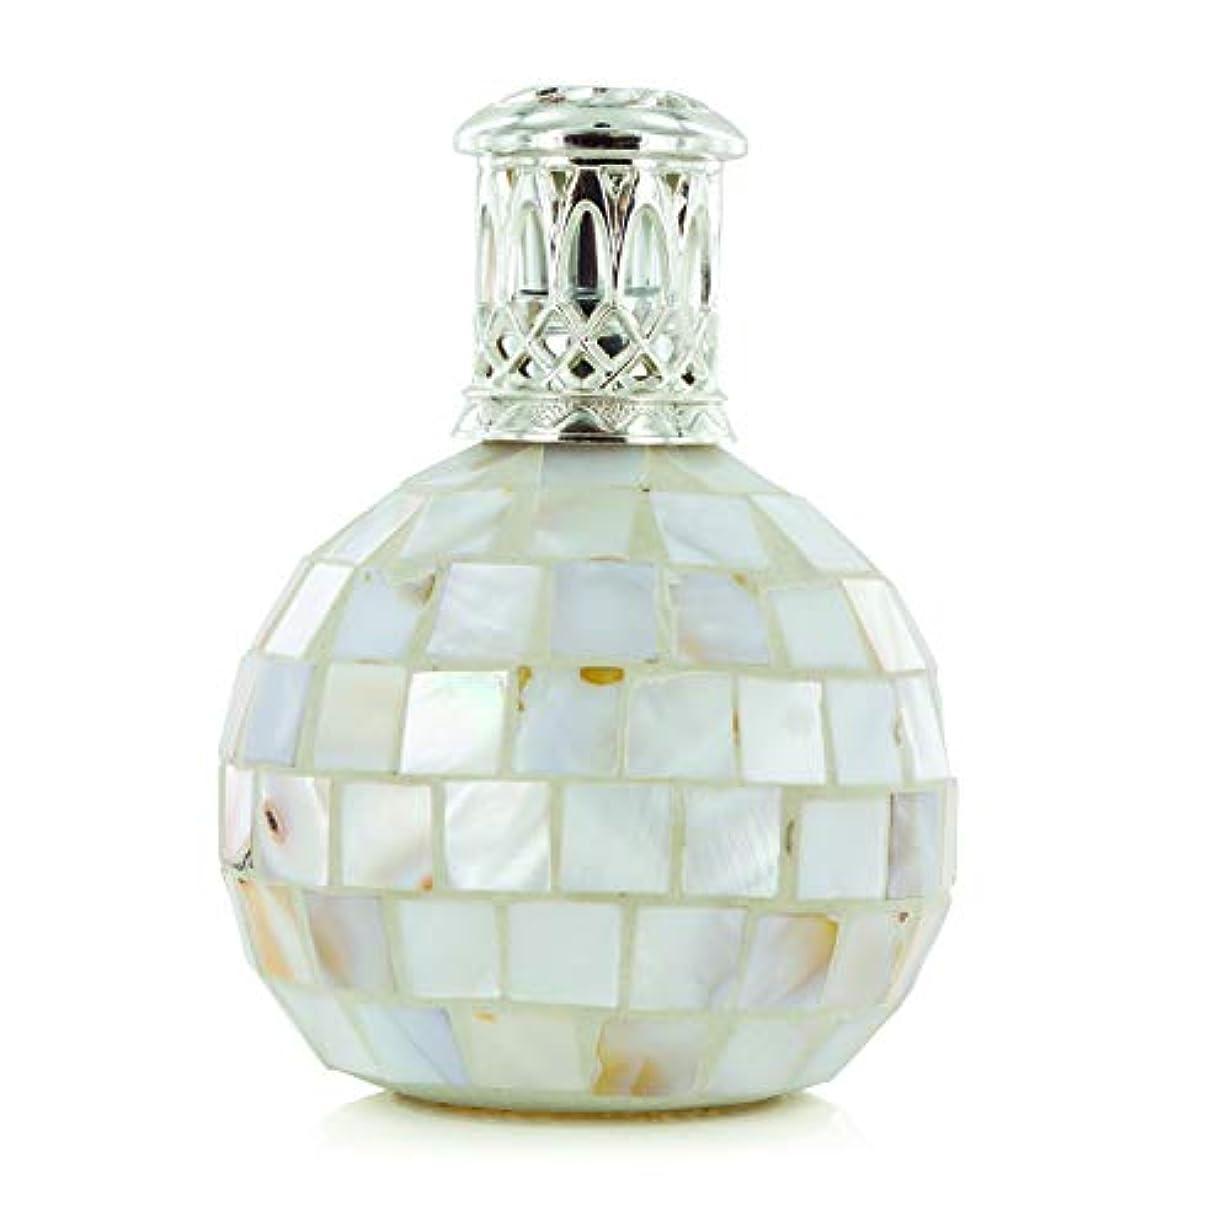 活性化感情きれいにAshleigh&Burwood フレグランスランプ S リトルオーシャン FragranceLamps sizeS LittleOcean アシュレイ&バーウッド